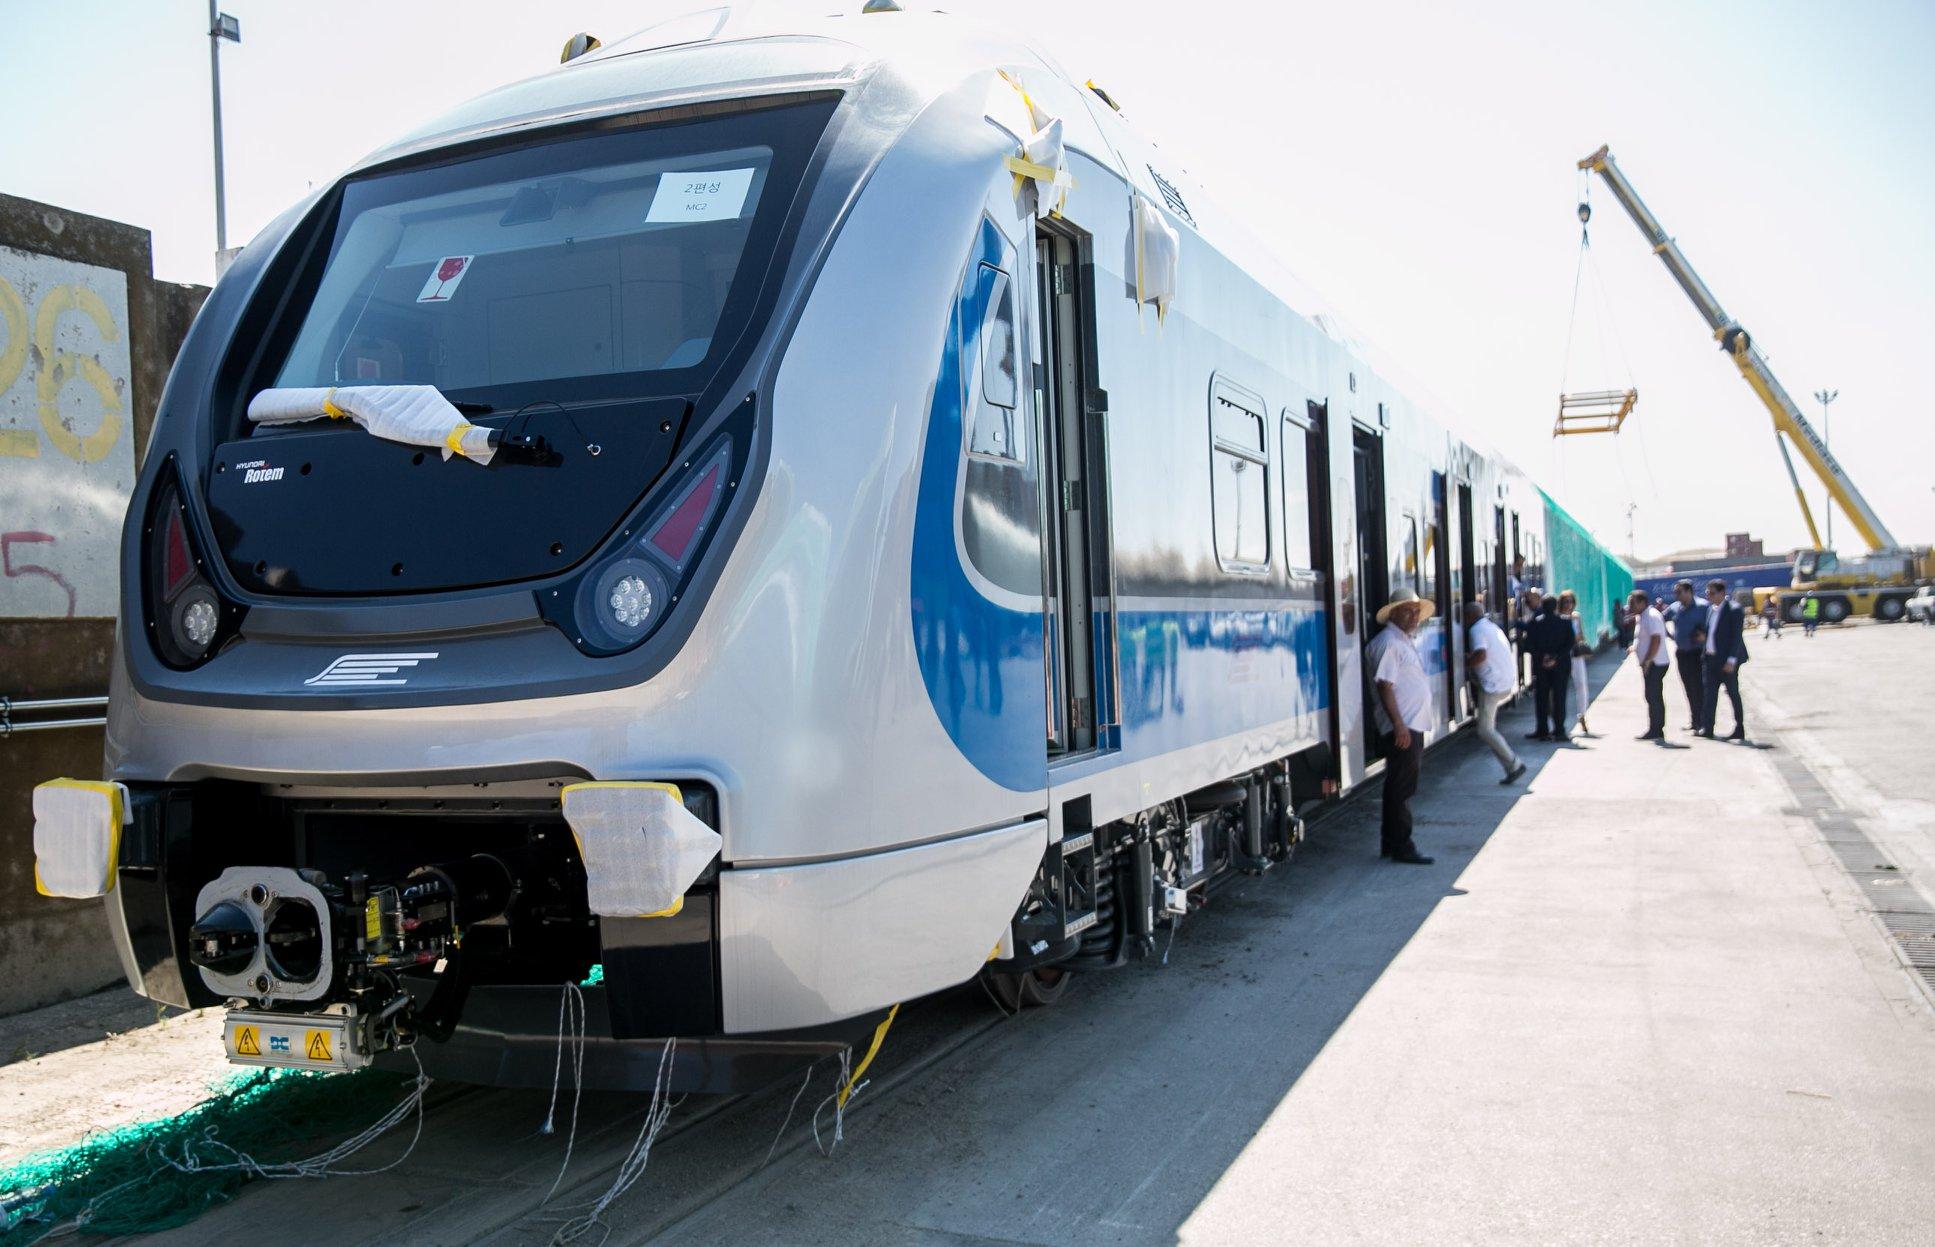 قطارات كهربائية جديدة تنقل 350 ألف مسافر يومياً و عائدات تقدر بــ 500 مليون دينار تونسي